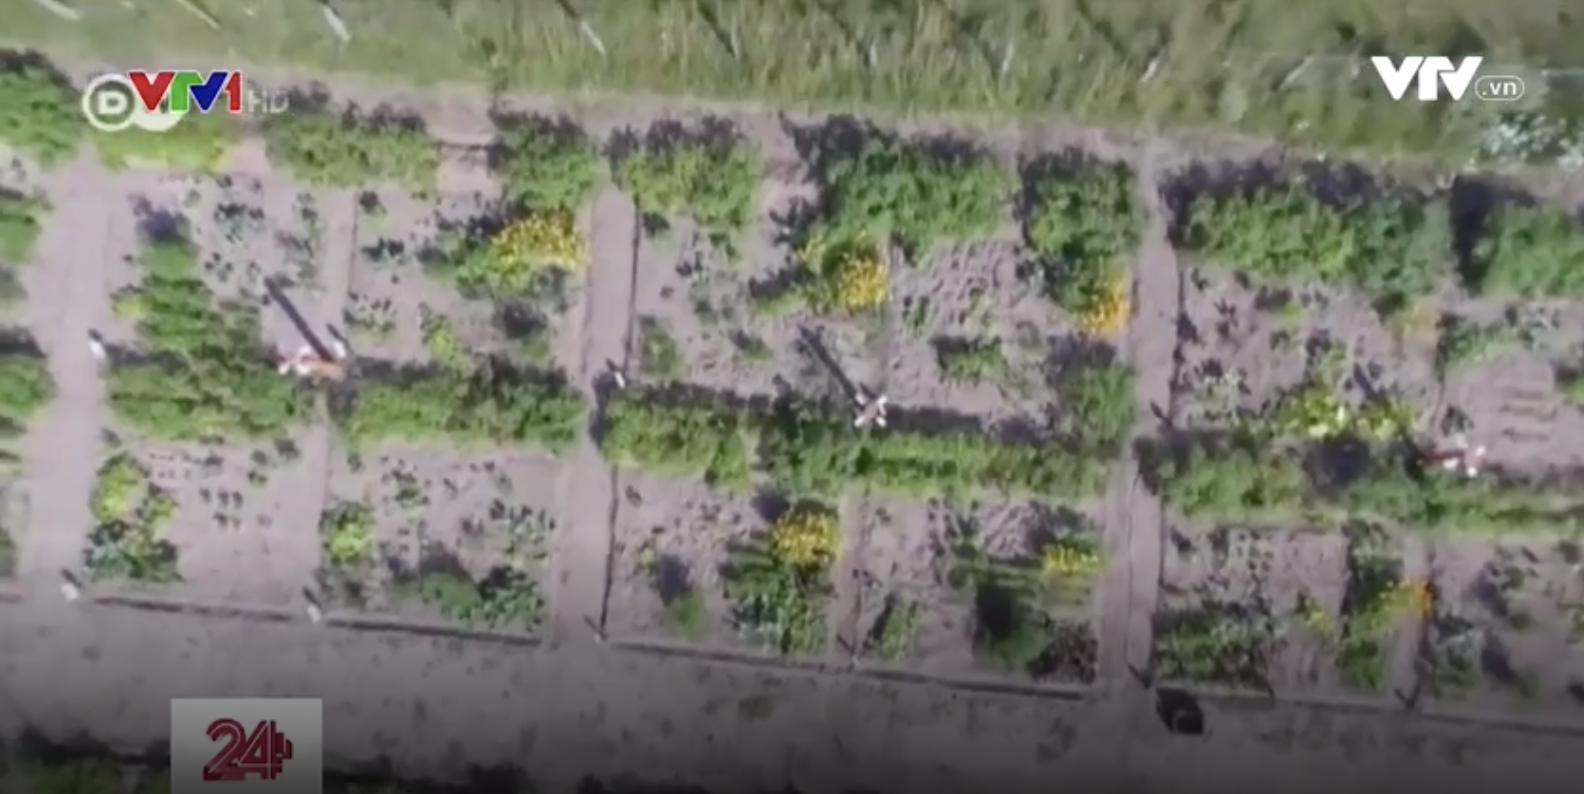 Trồng vườn ảo, gặt hái được nông sản thật